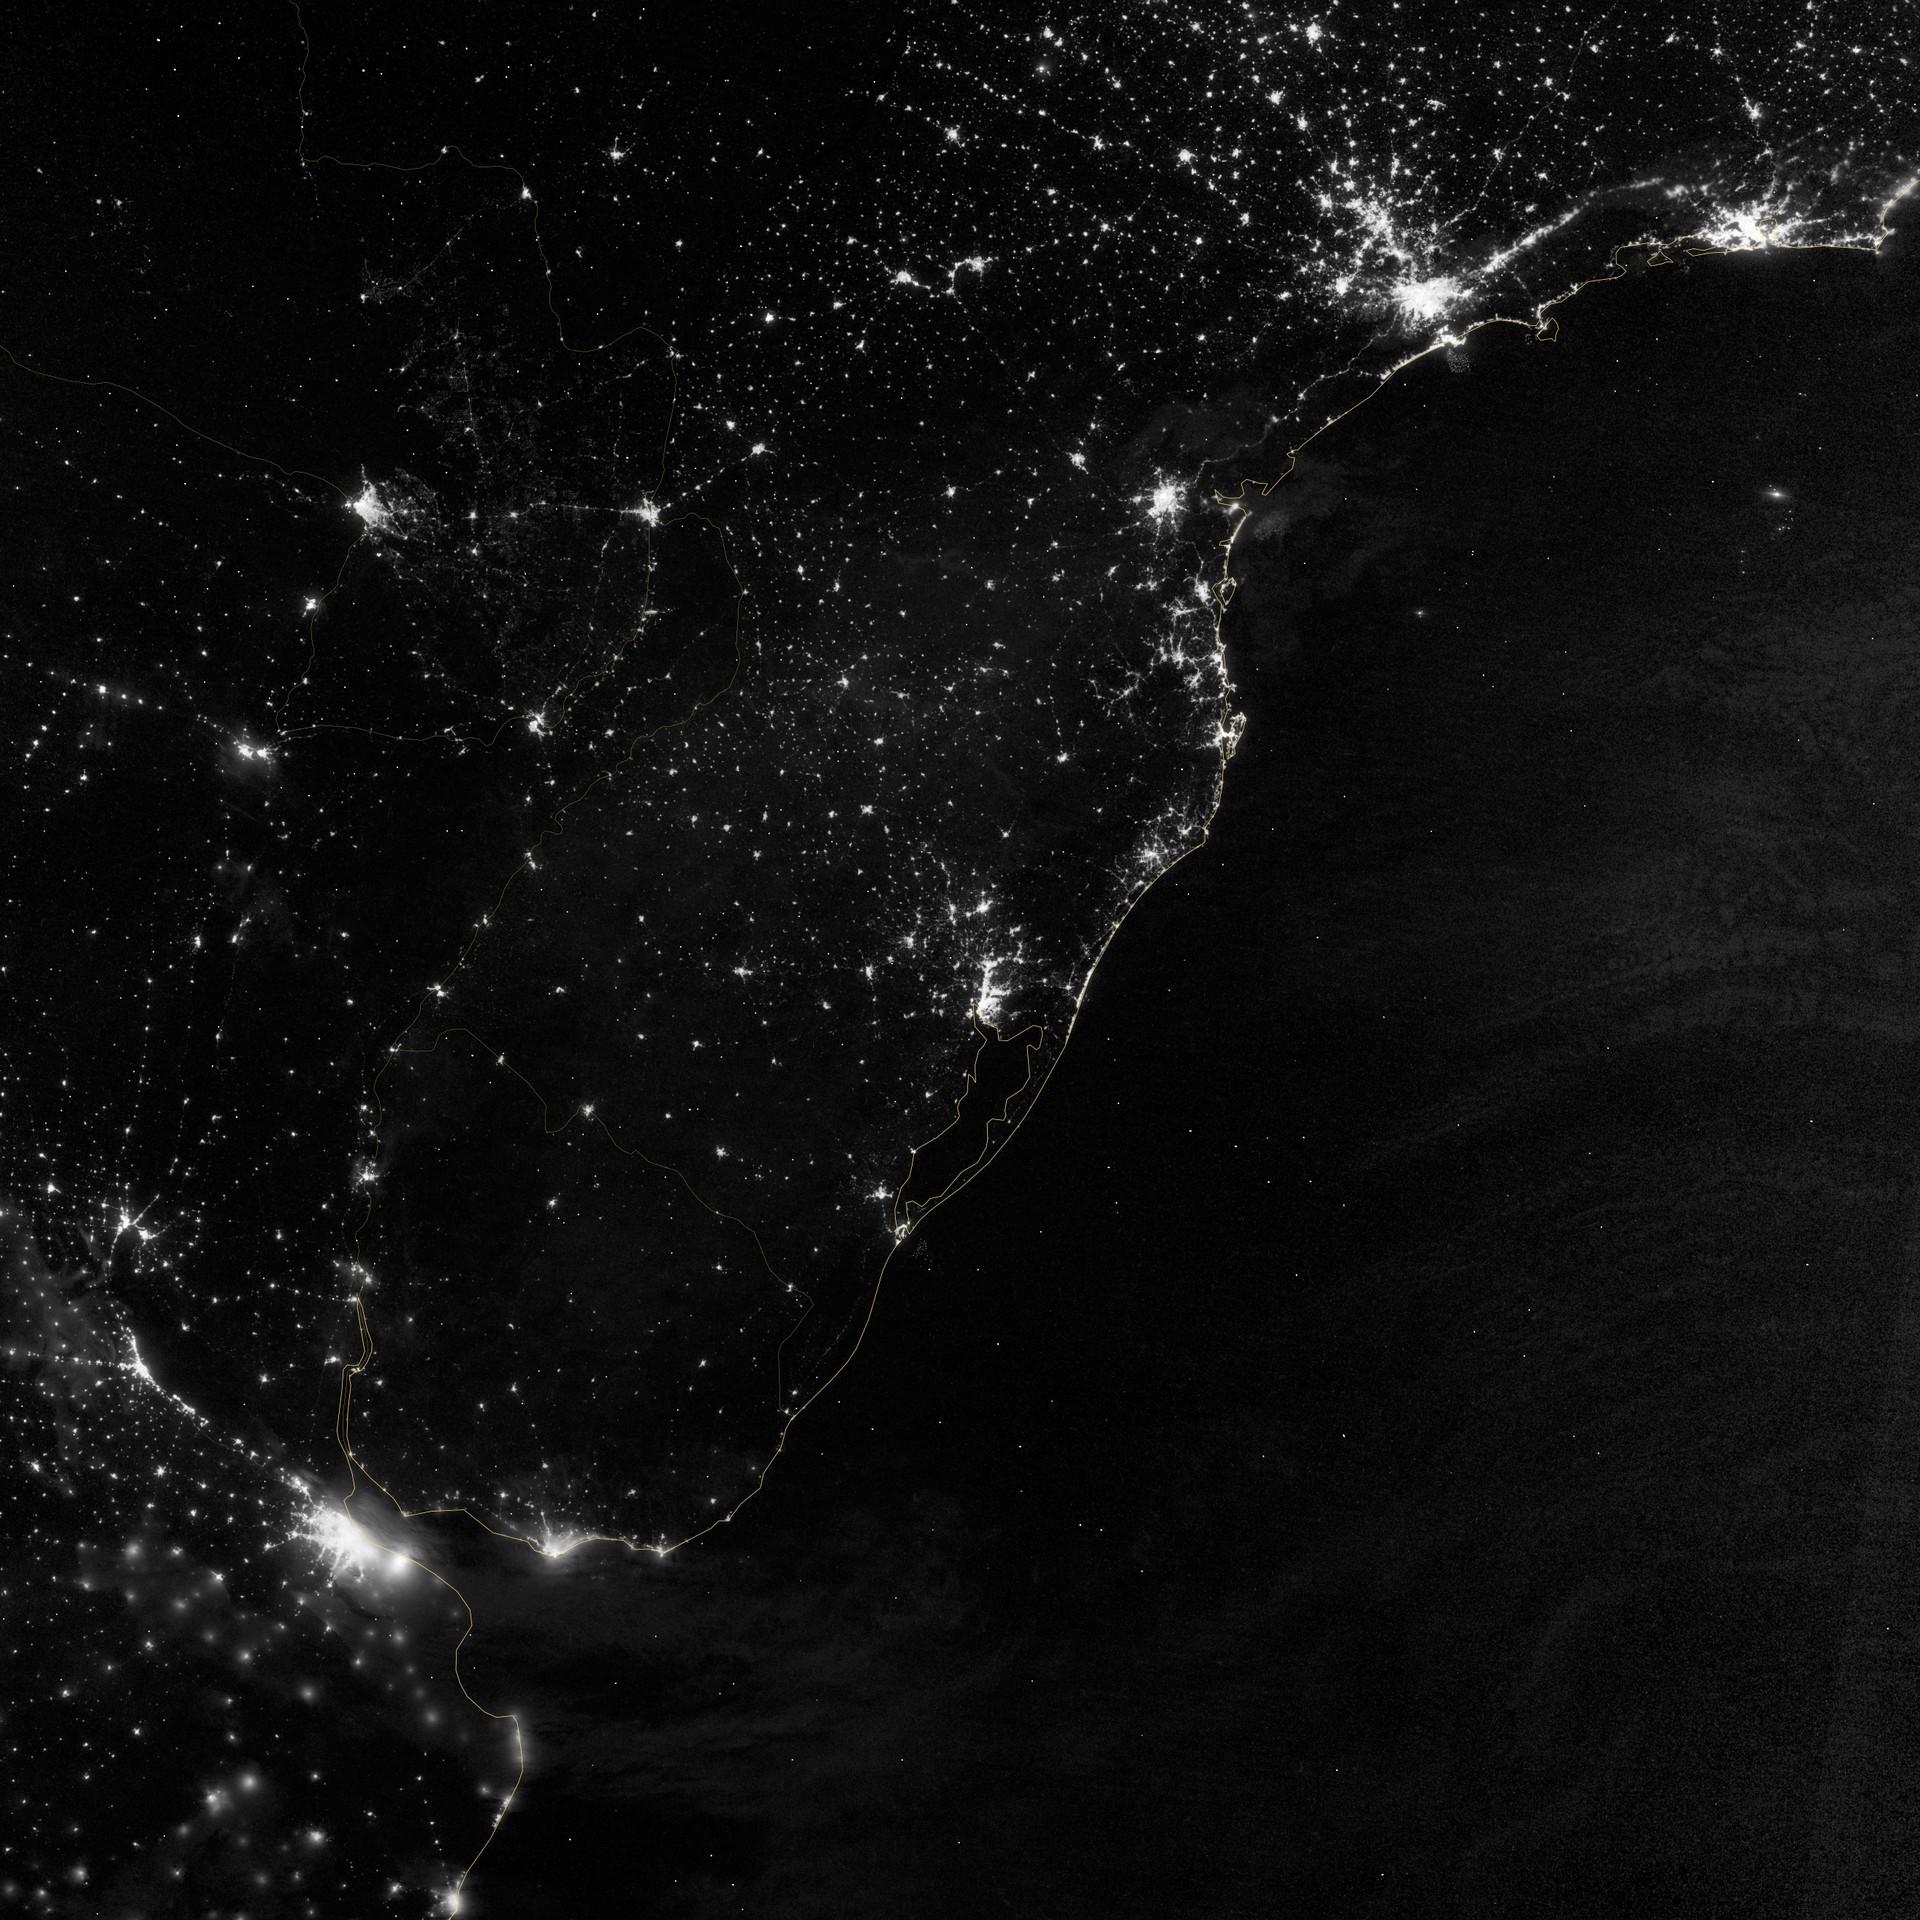 São Paulo e Rio de Janeiro estão no canto superior direito da imagem. Buenos Aires está no canto inferior esquerdo (Foto: NASA Earth Observatory/NOAA-NGDC)